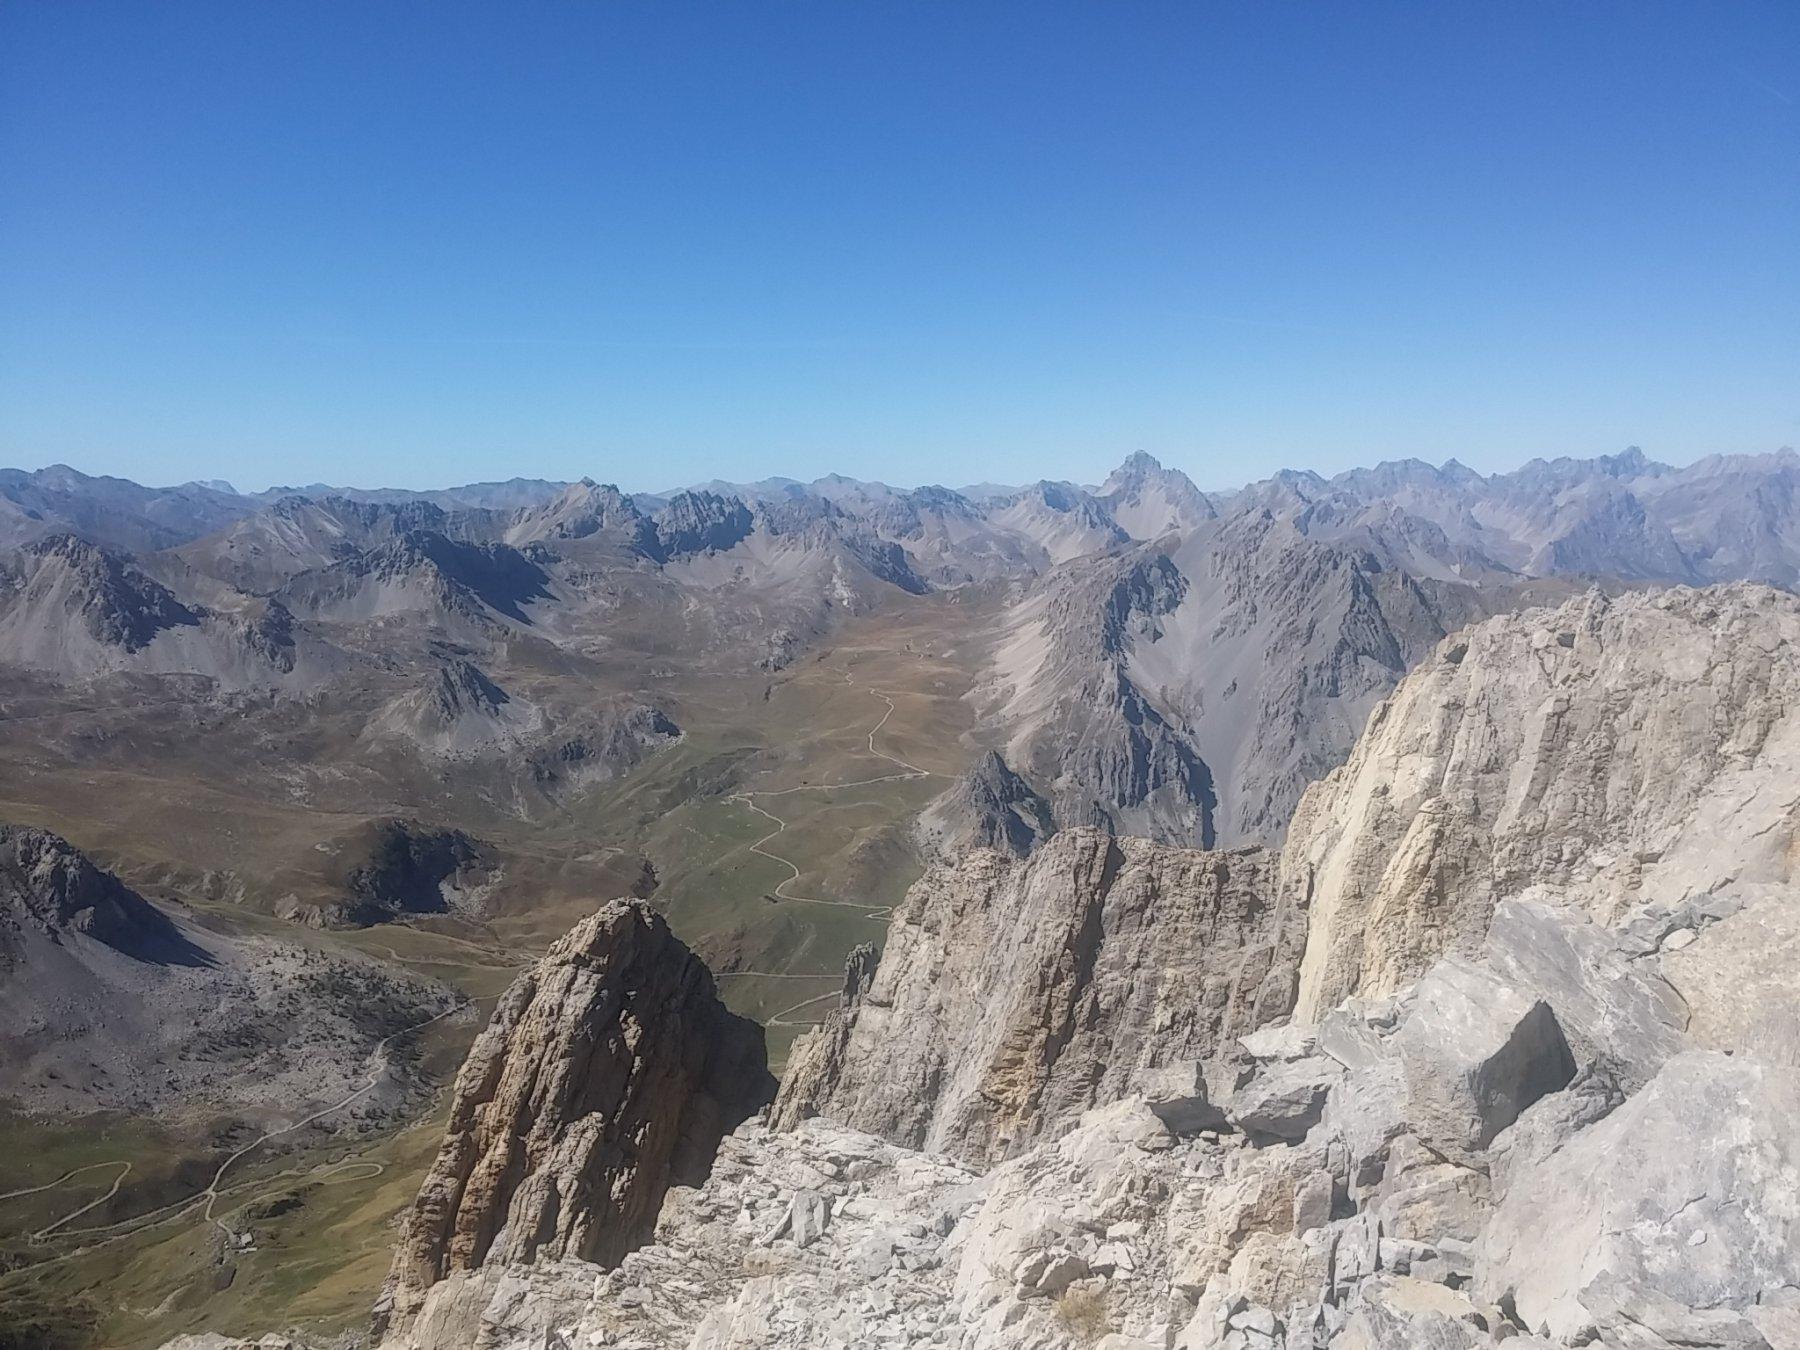 Il canalone del Cassorso a sx e l'altopiano della Gardetta sullo sfondo